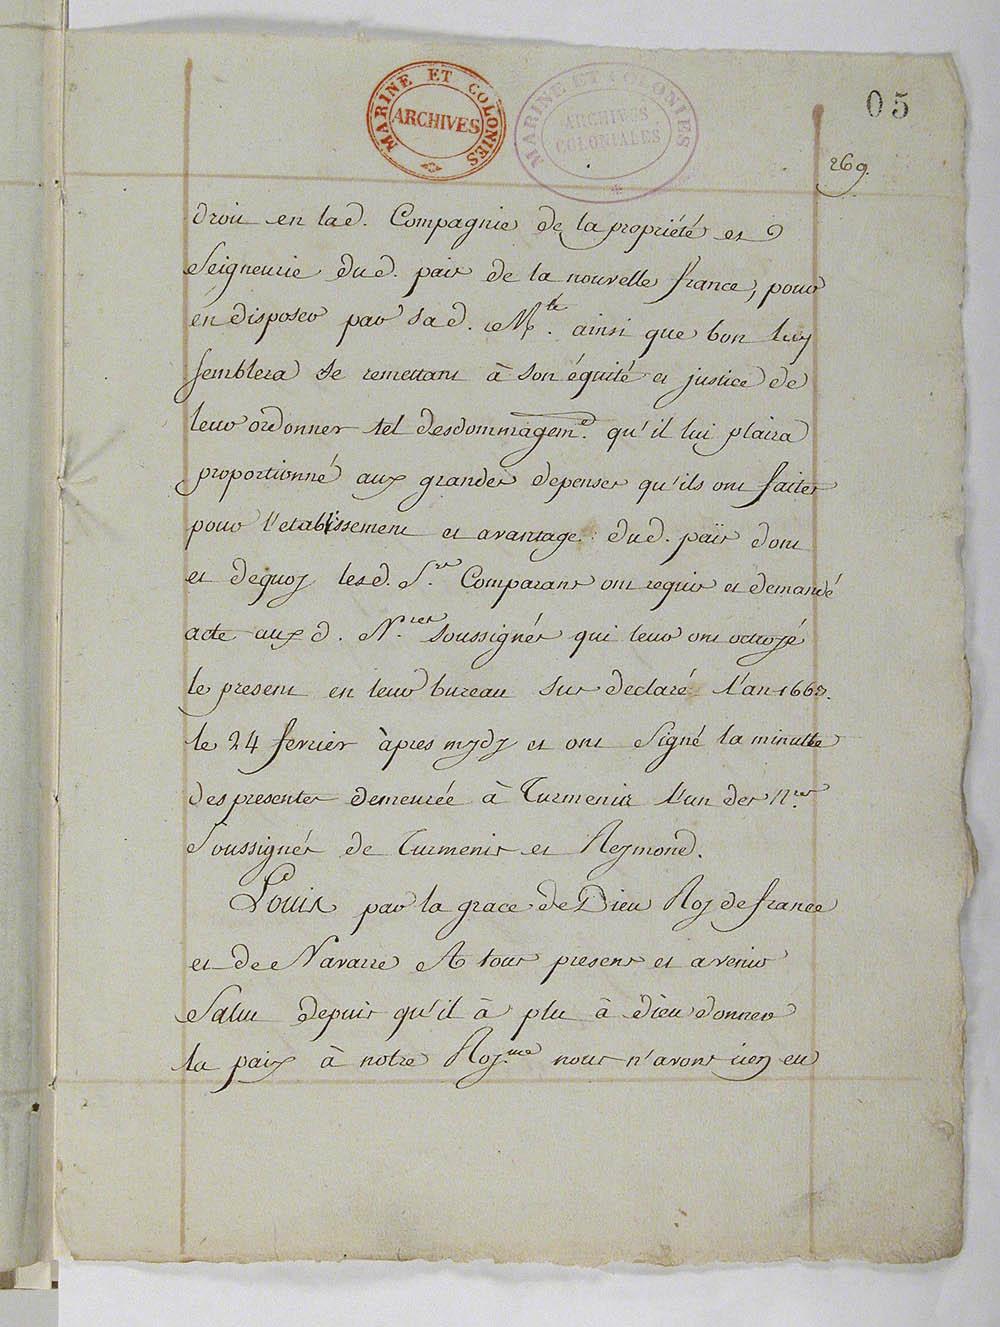 Déclaration du roi qui reprend possession de la Nouvelle-France, mars 1663. FR CAOM COL C11A 2 fol. 5-7